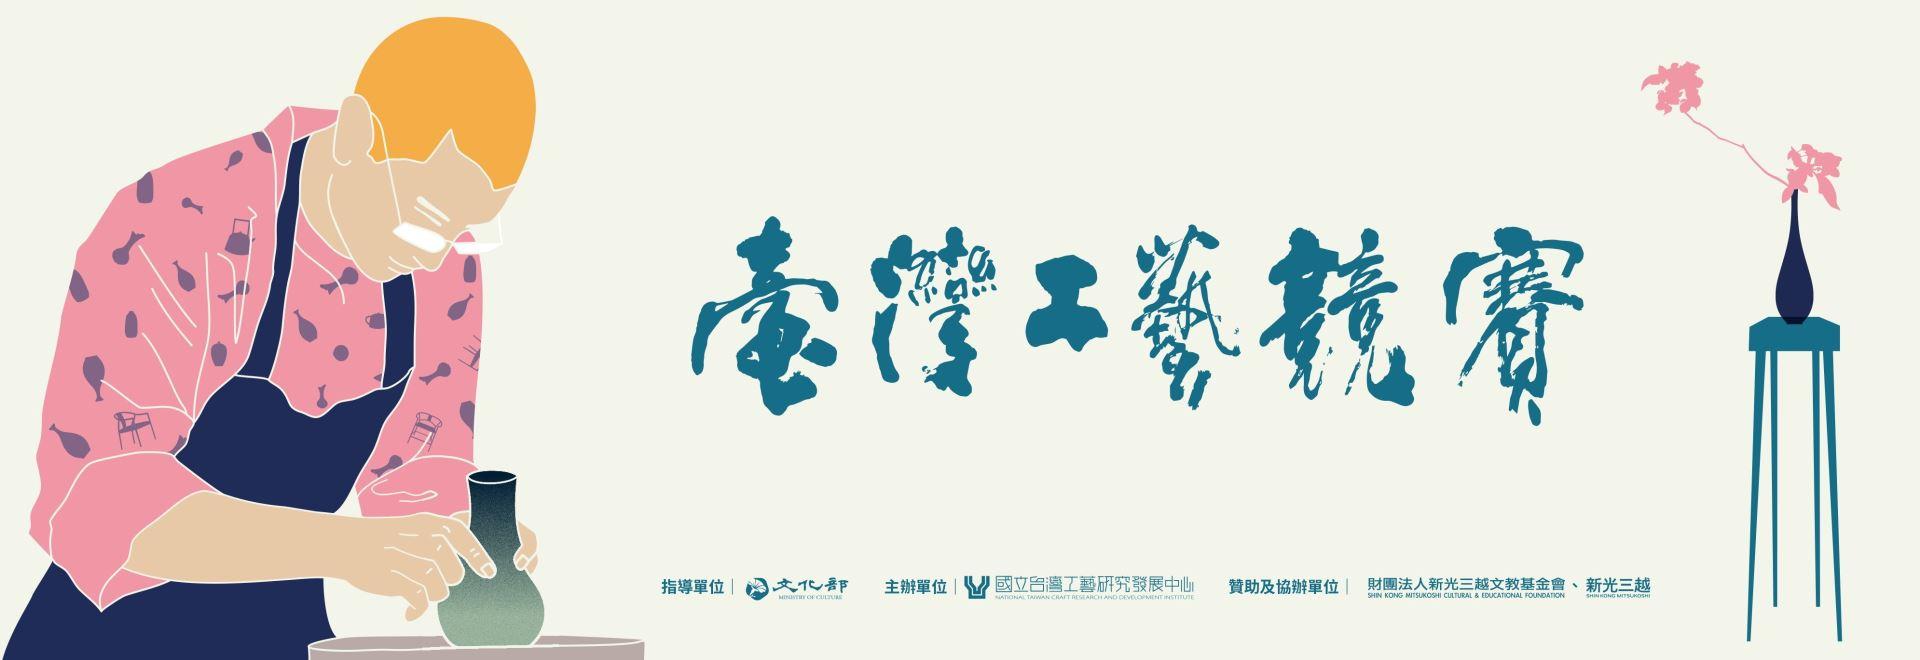 2020臺灣工藝競賽「另開新視窗」